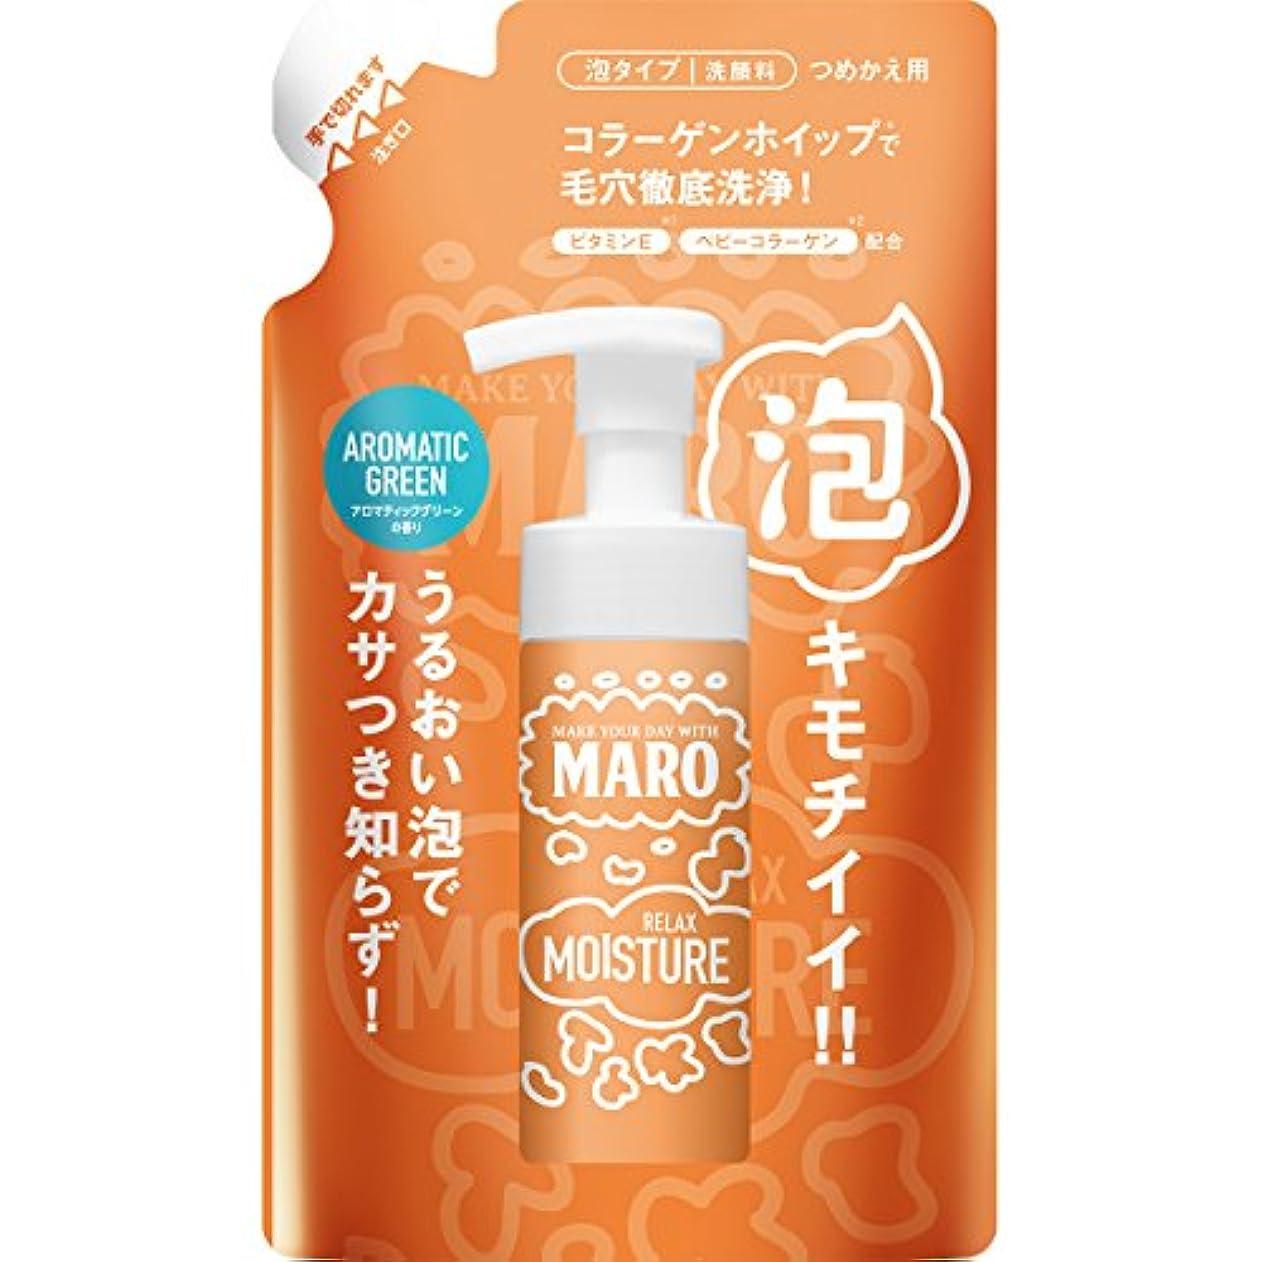 分泌するフローティング乳MARO グルーヴィー 泡洗顔 詰め替え リラックスモイスチャー 130ml